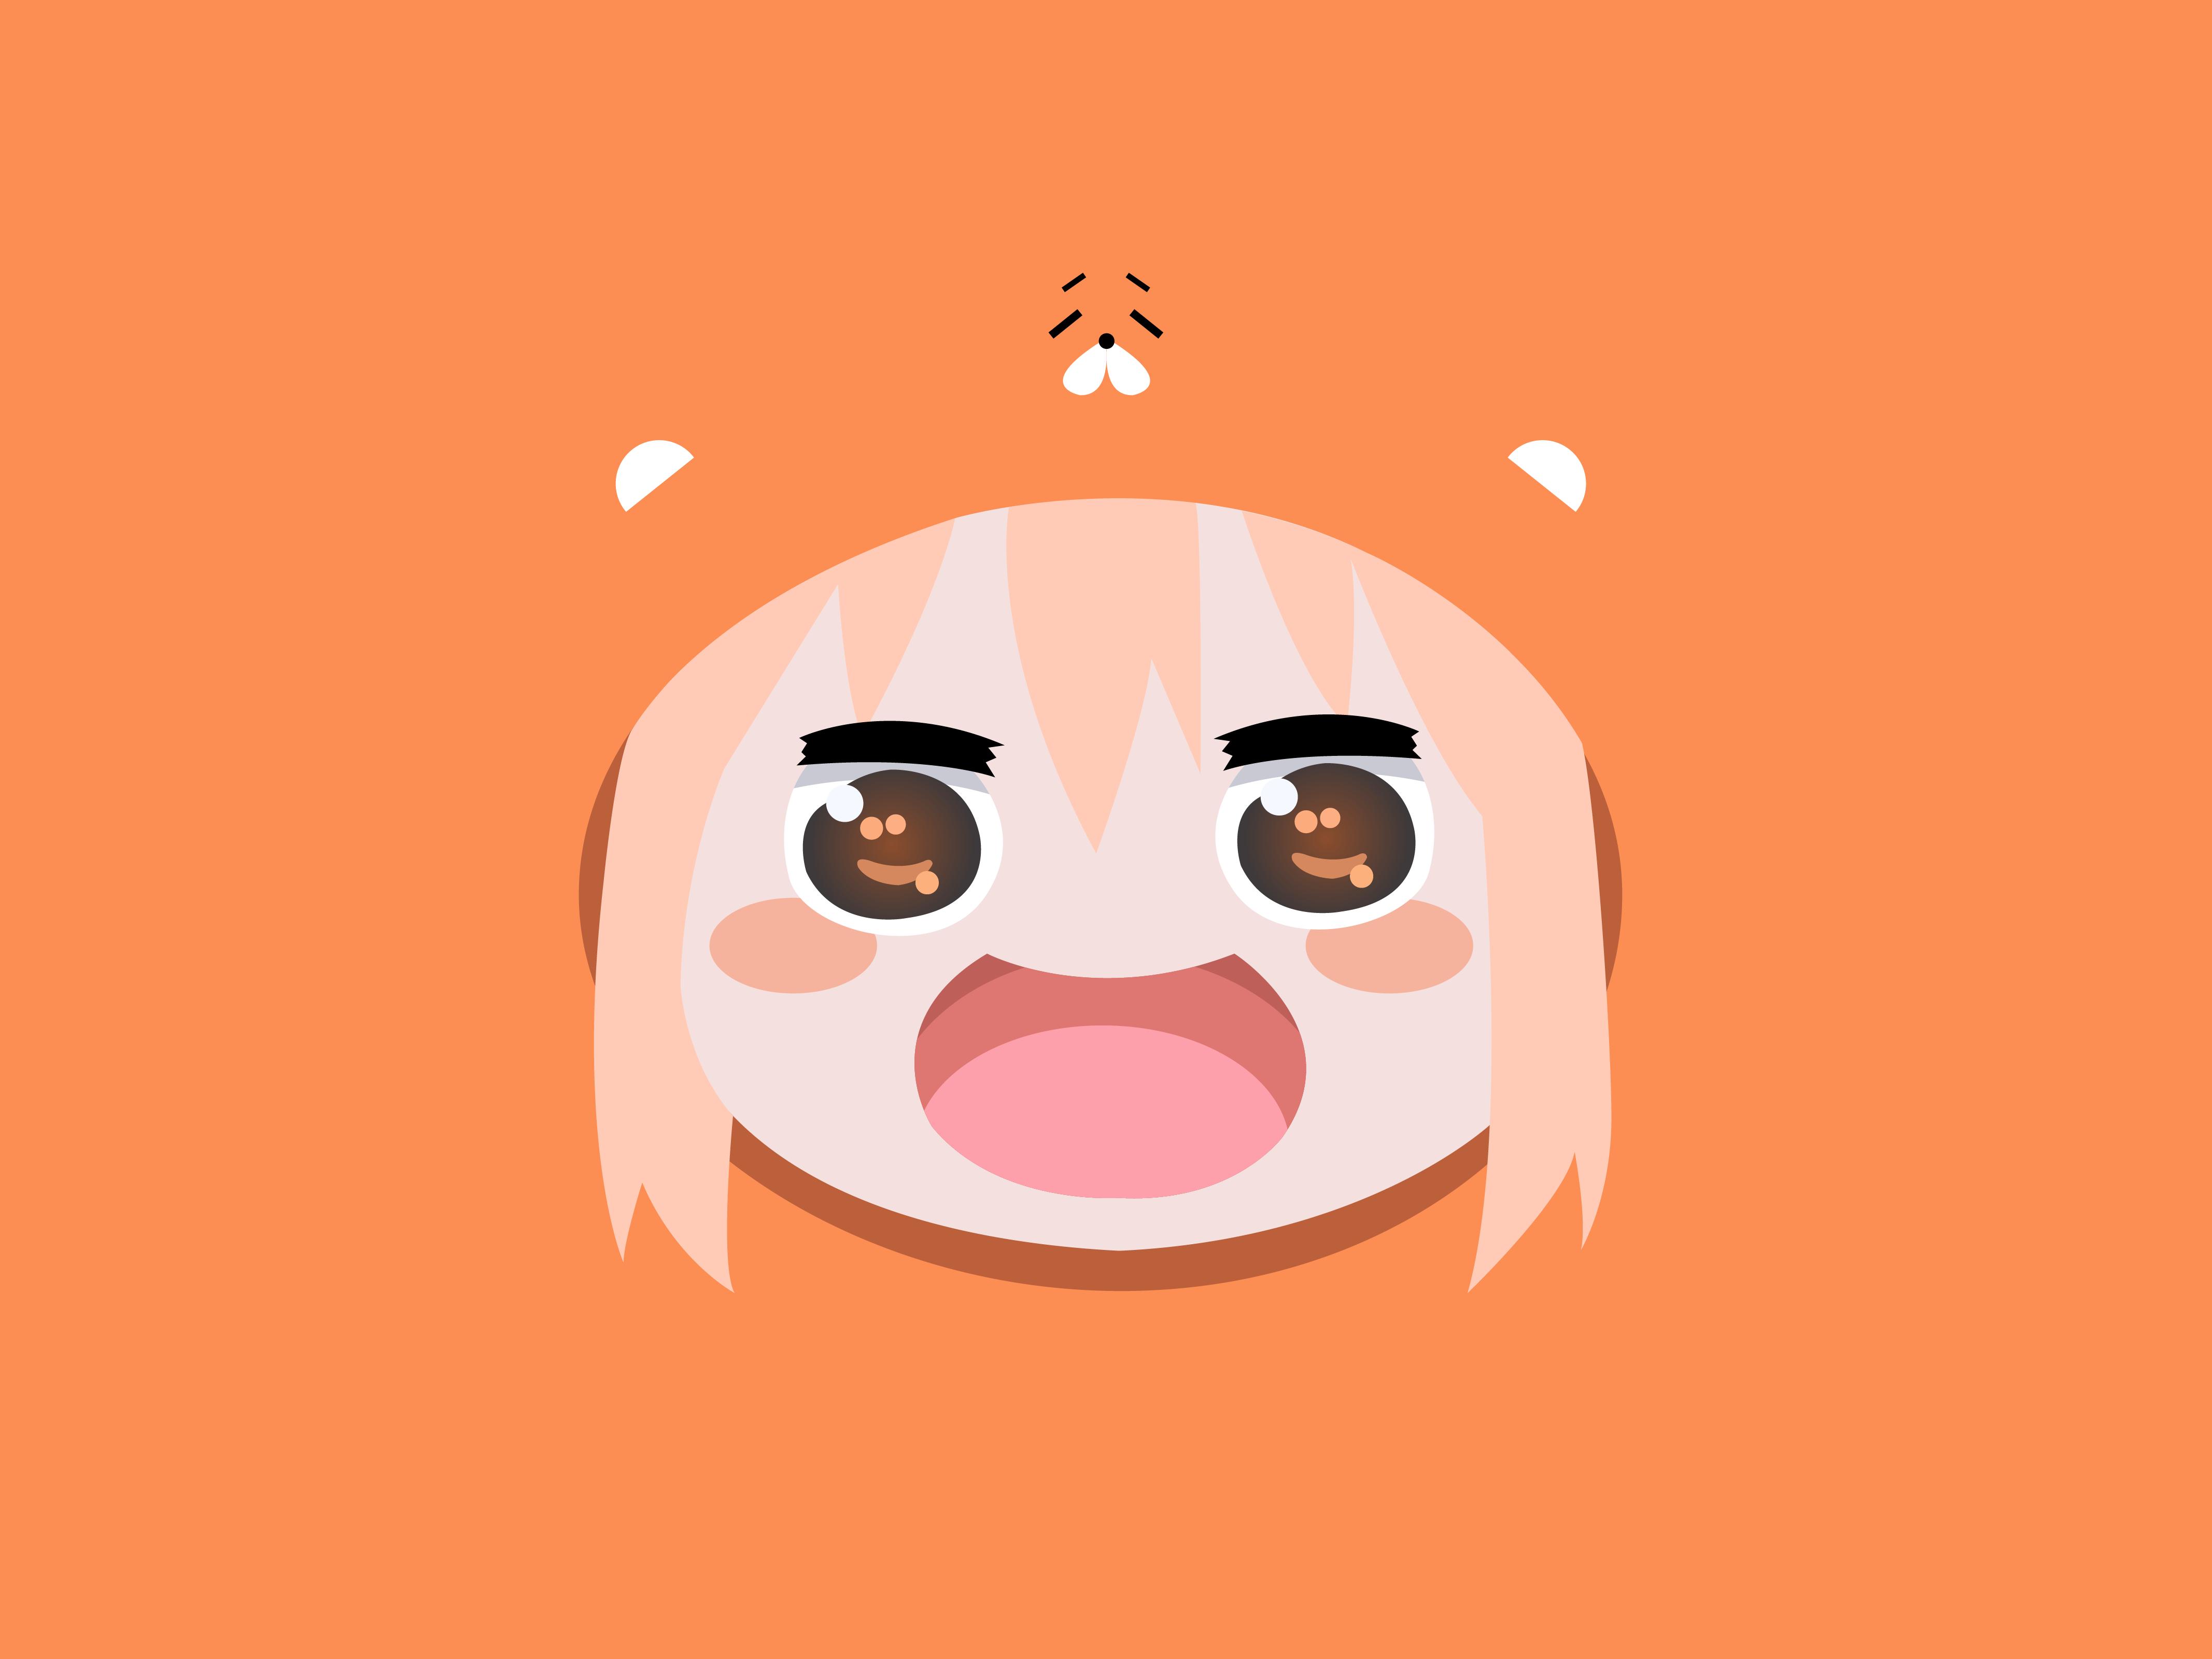 Himouto! Umaru-chan 4k Ultra HD Wallpaper